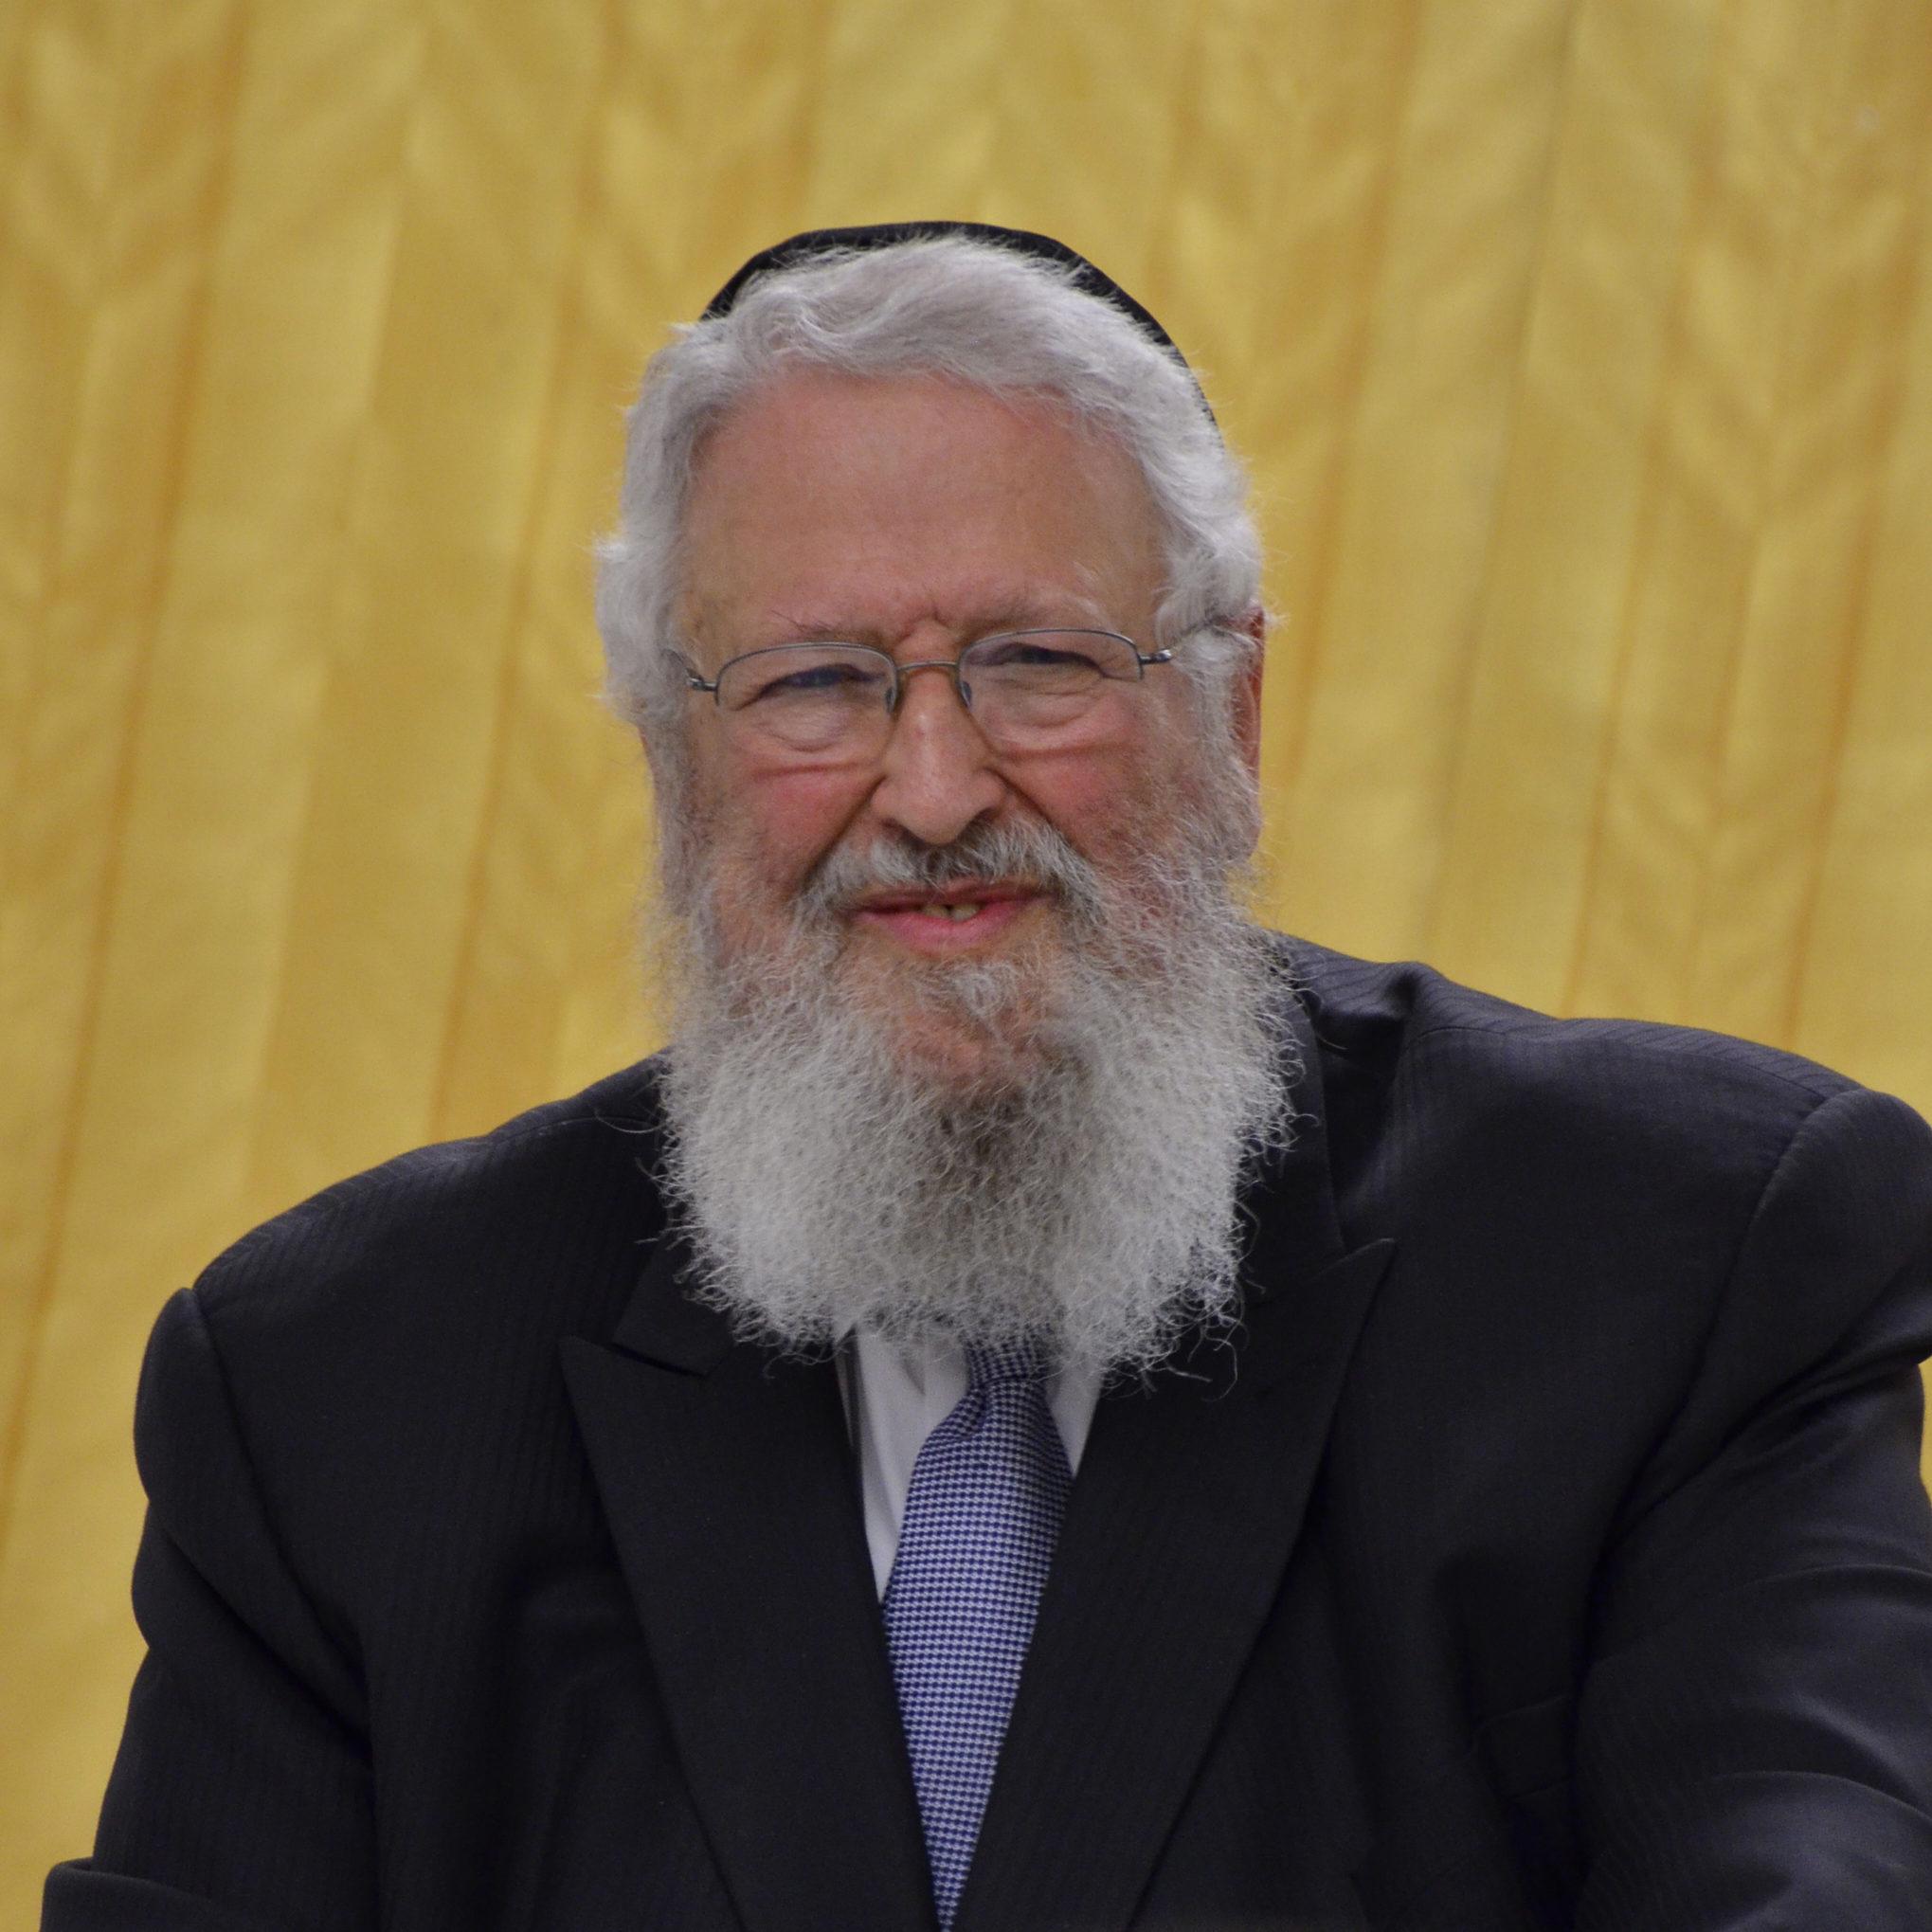 Rabbi Myer J. Schwab